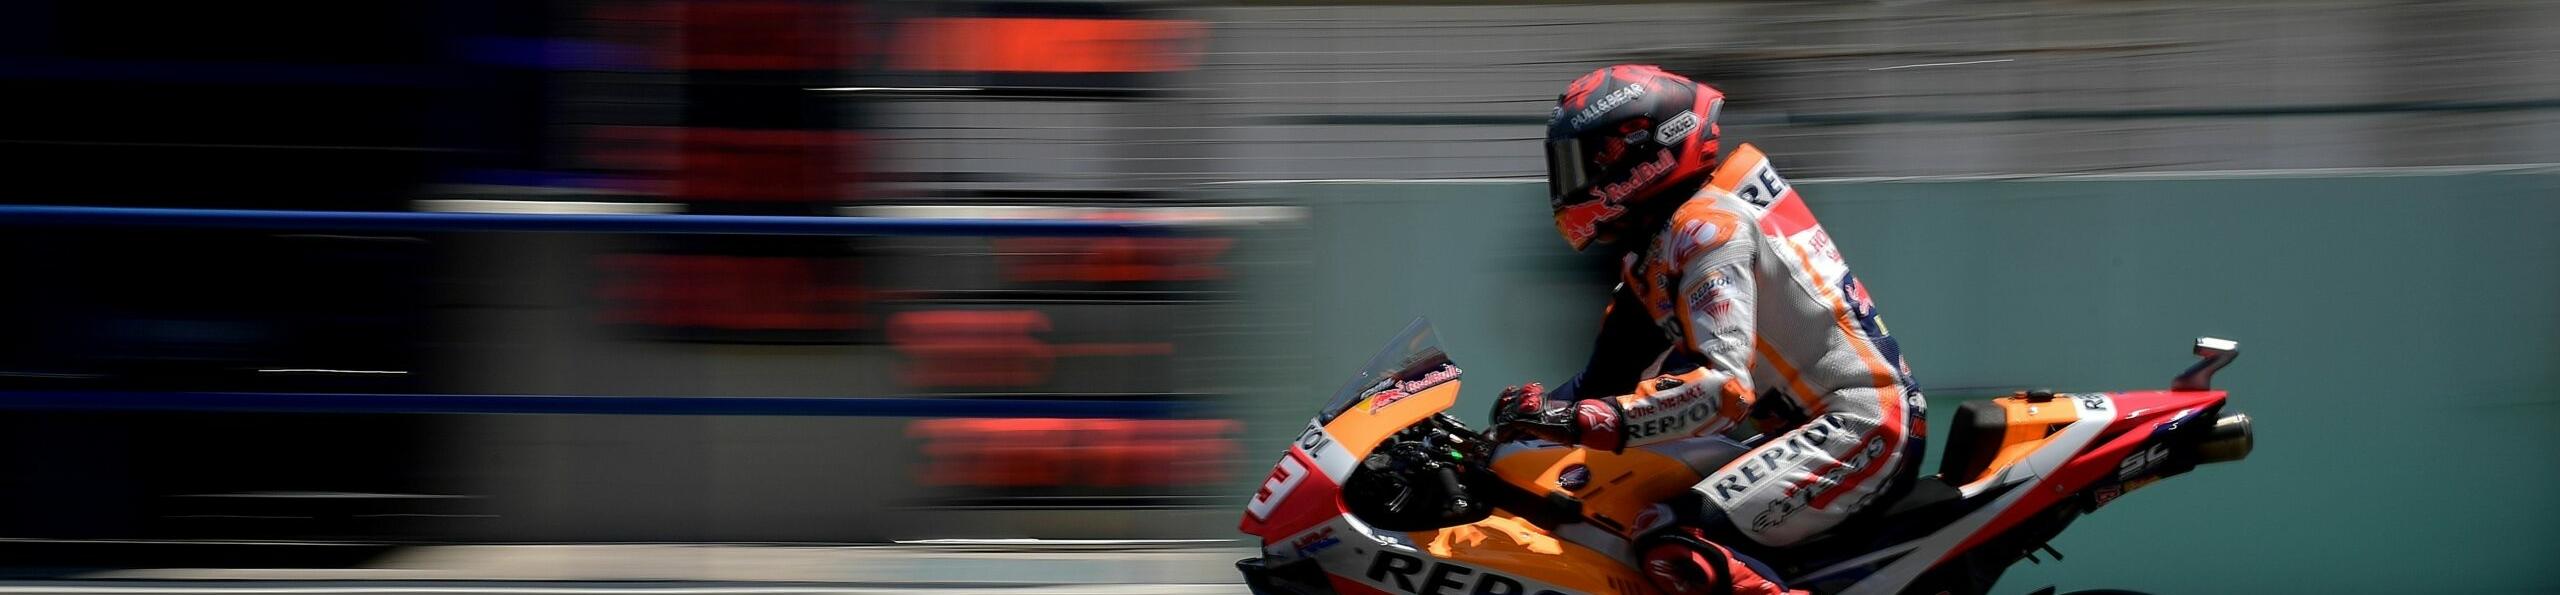 GP Portogallo: Marc Marquez il ritorno, dopo 9 mesi è già il favorito